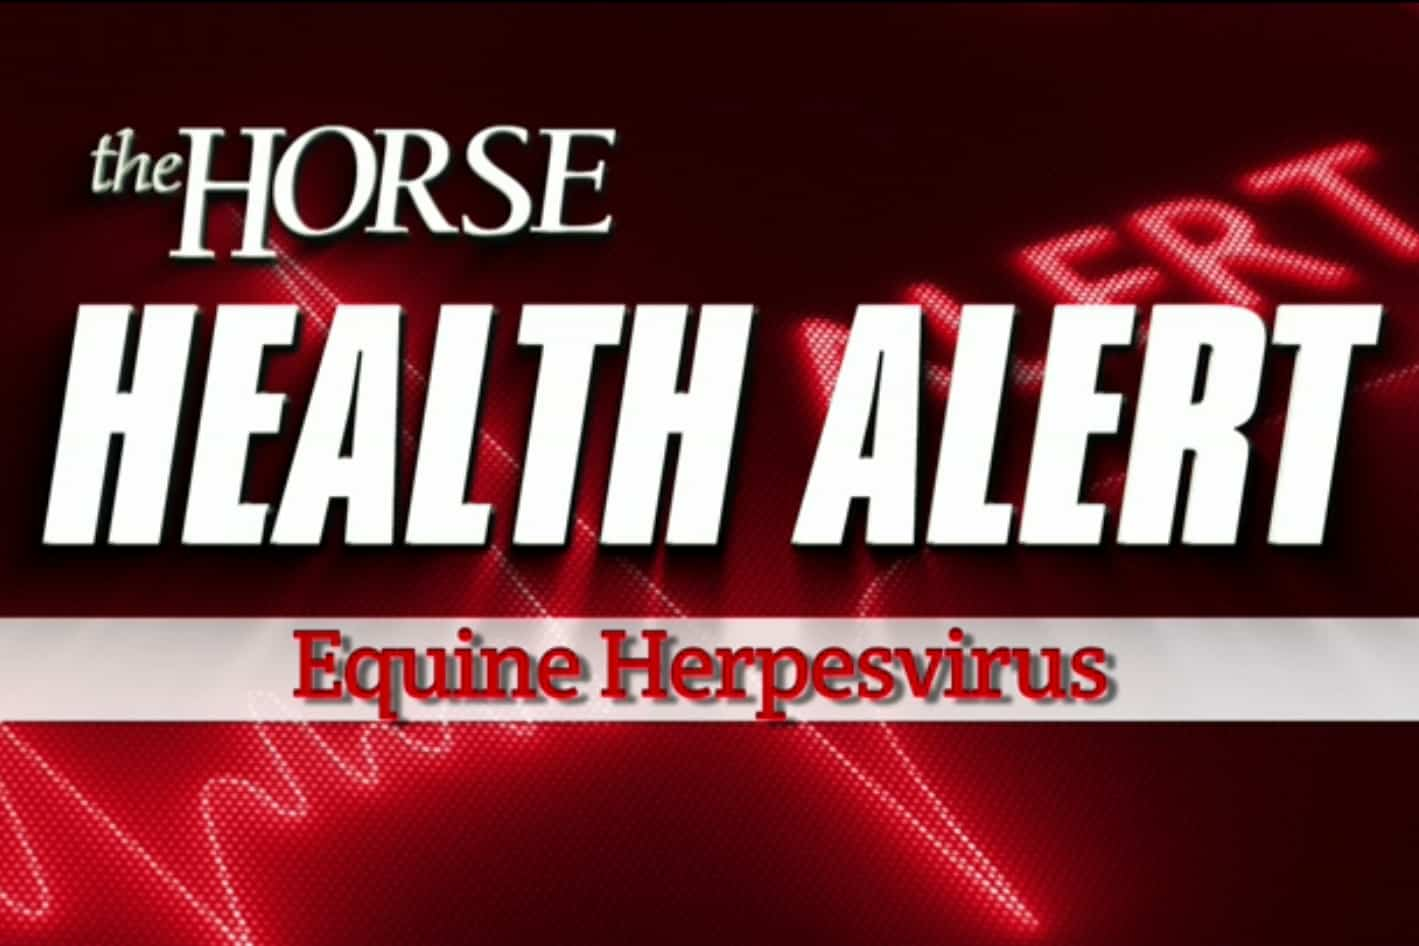 equine herpesvirus